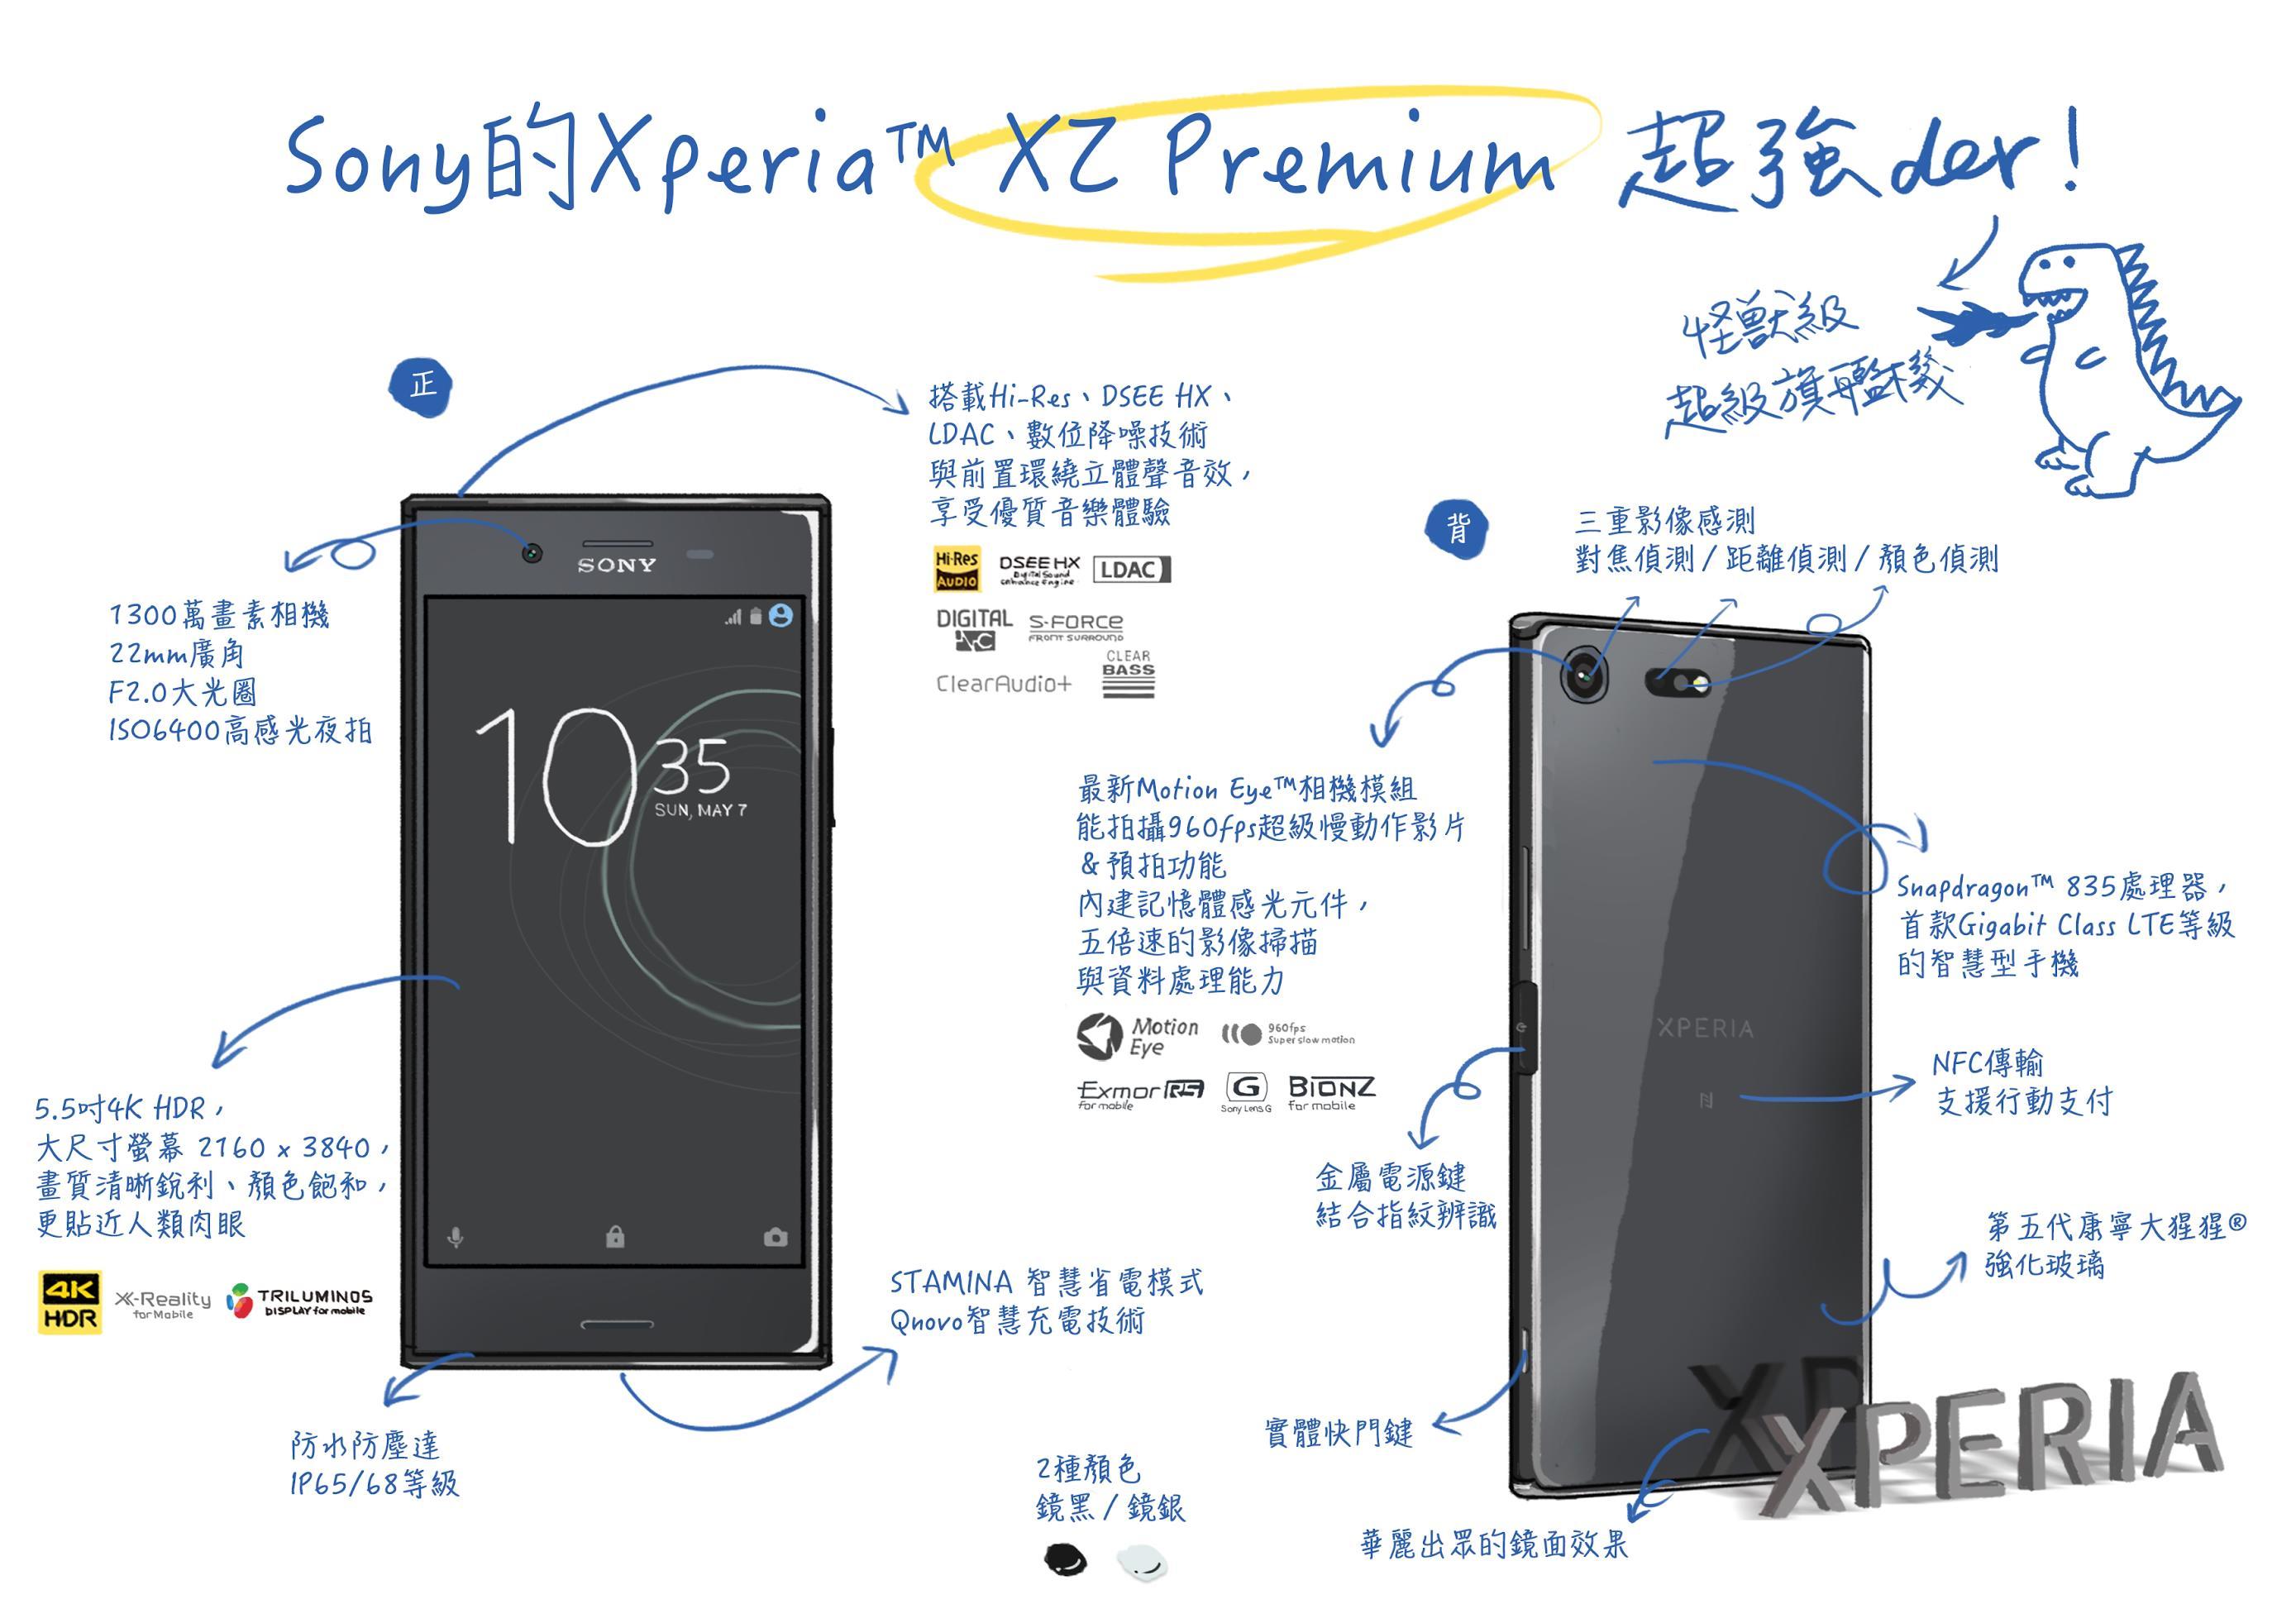 一圖看懂 2017 MWC 最佳新機 Sony Mobile Xperia XZ Premium @3C 達人廖阿輝